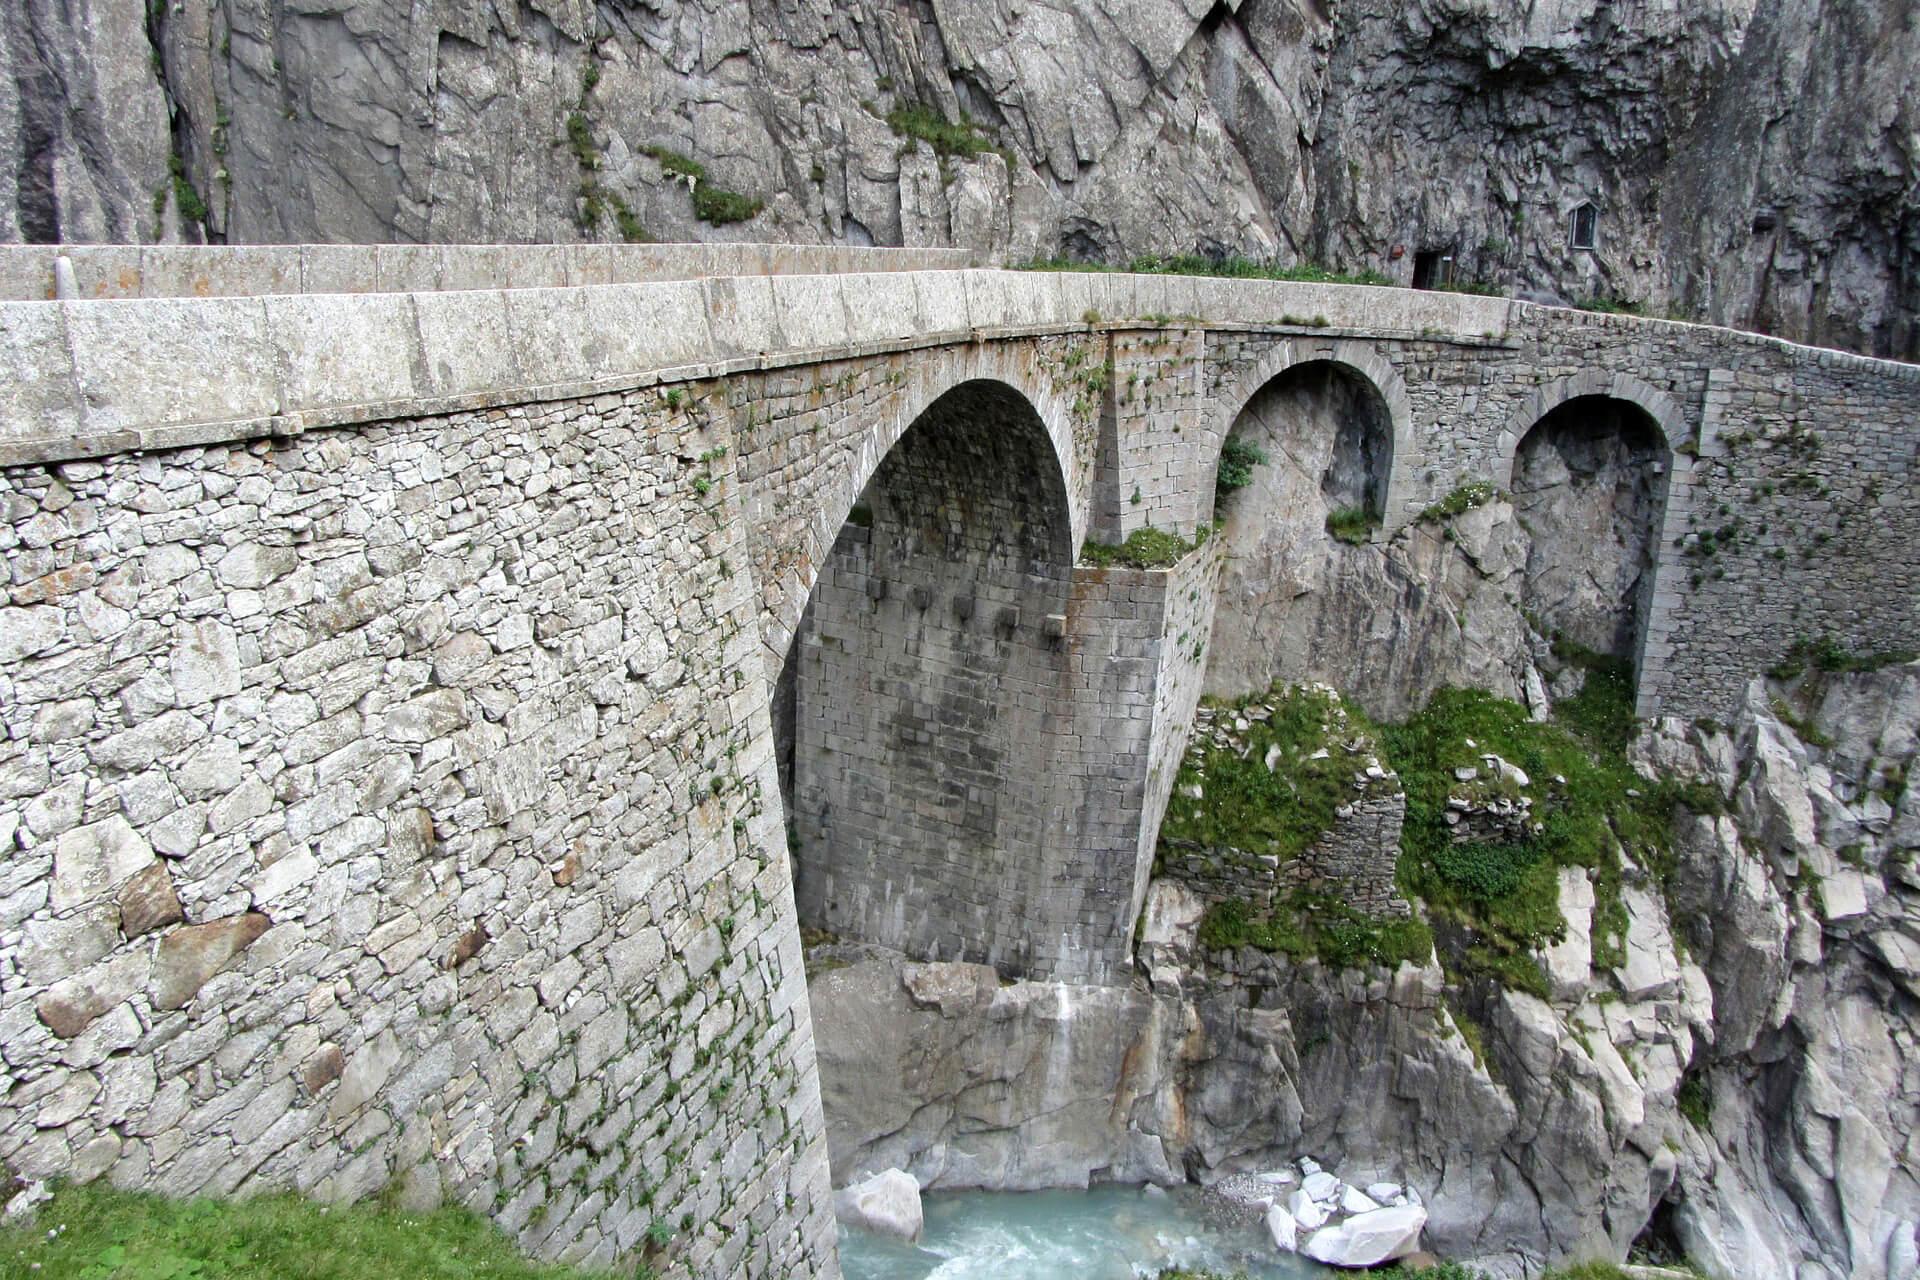 New Devil's Bridge in Göschenen, Switzerland